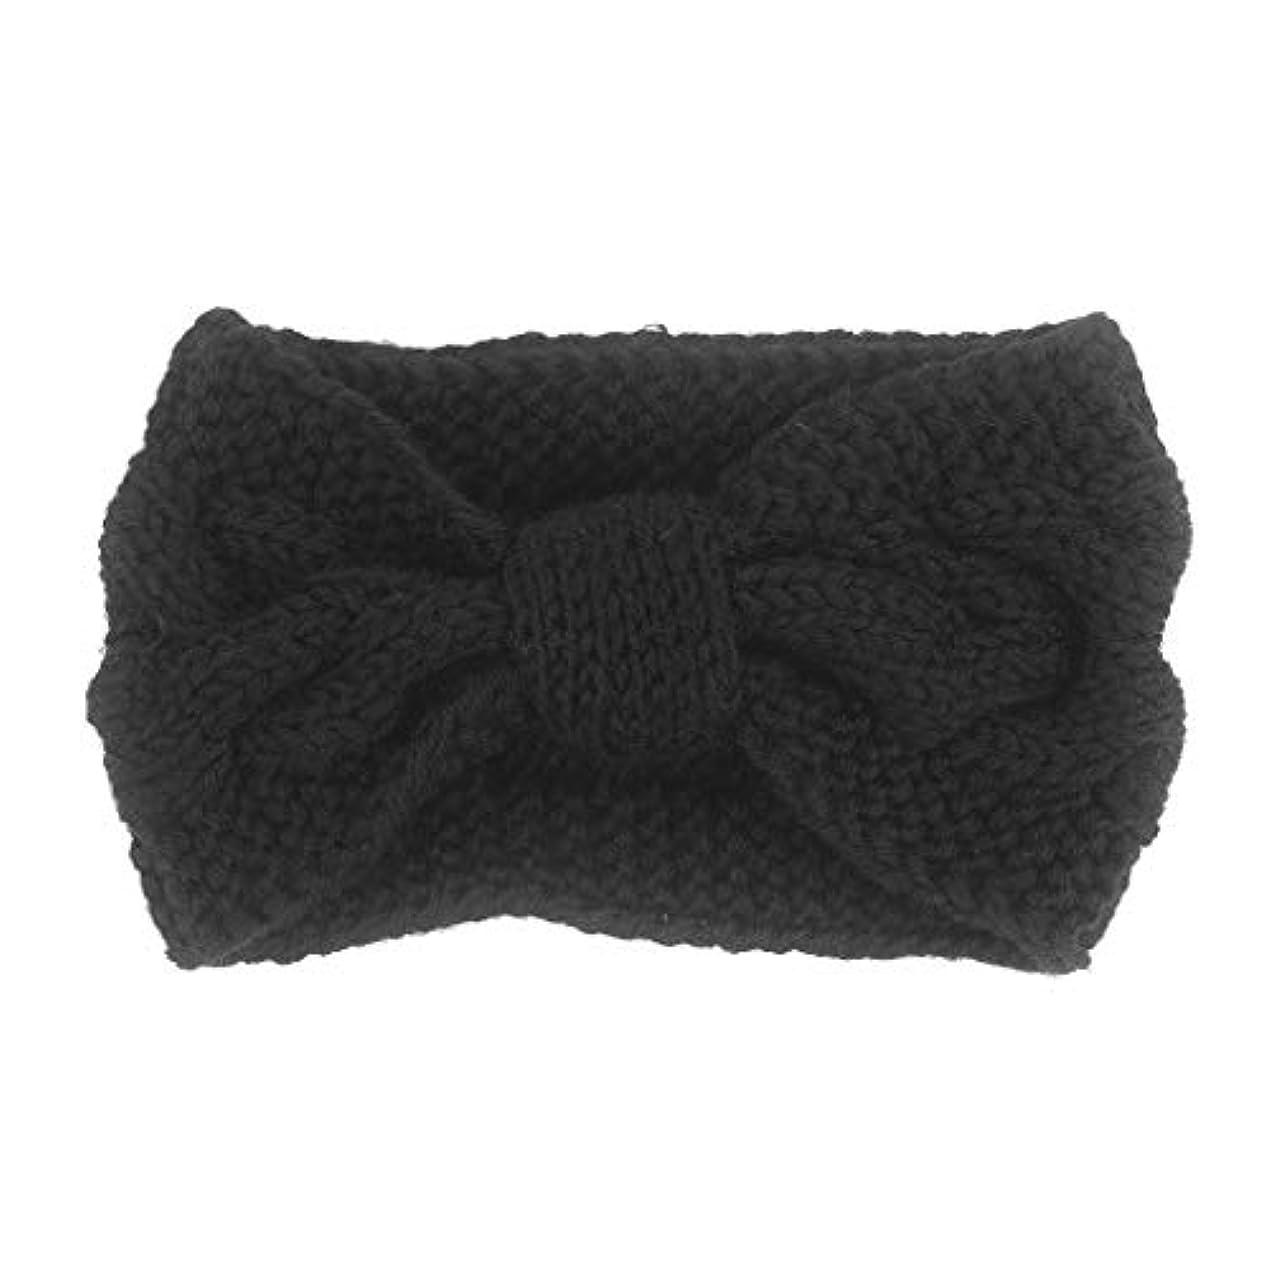 程度落ち着いた特徴づける1st market 丈夫なニットヘアバンドかぎ針編みツイスト耳暖かい冬編組ヘッドラップ用女性女の子